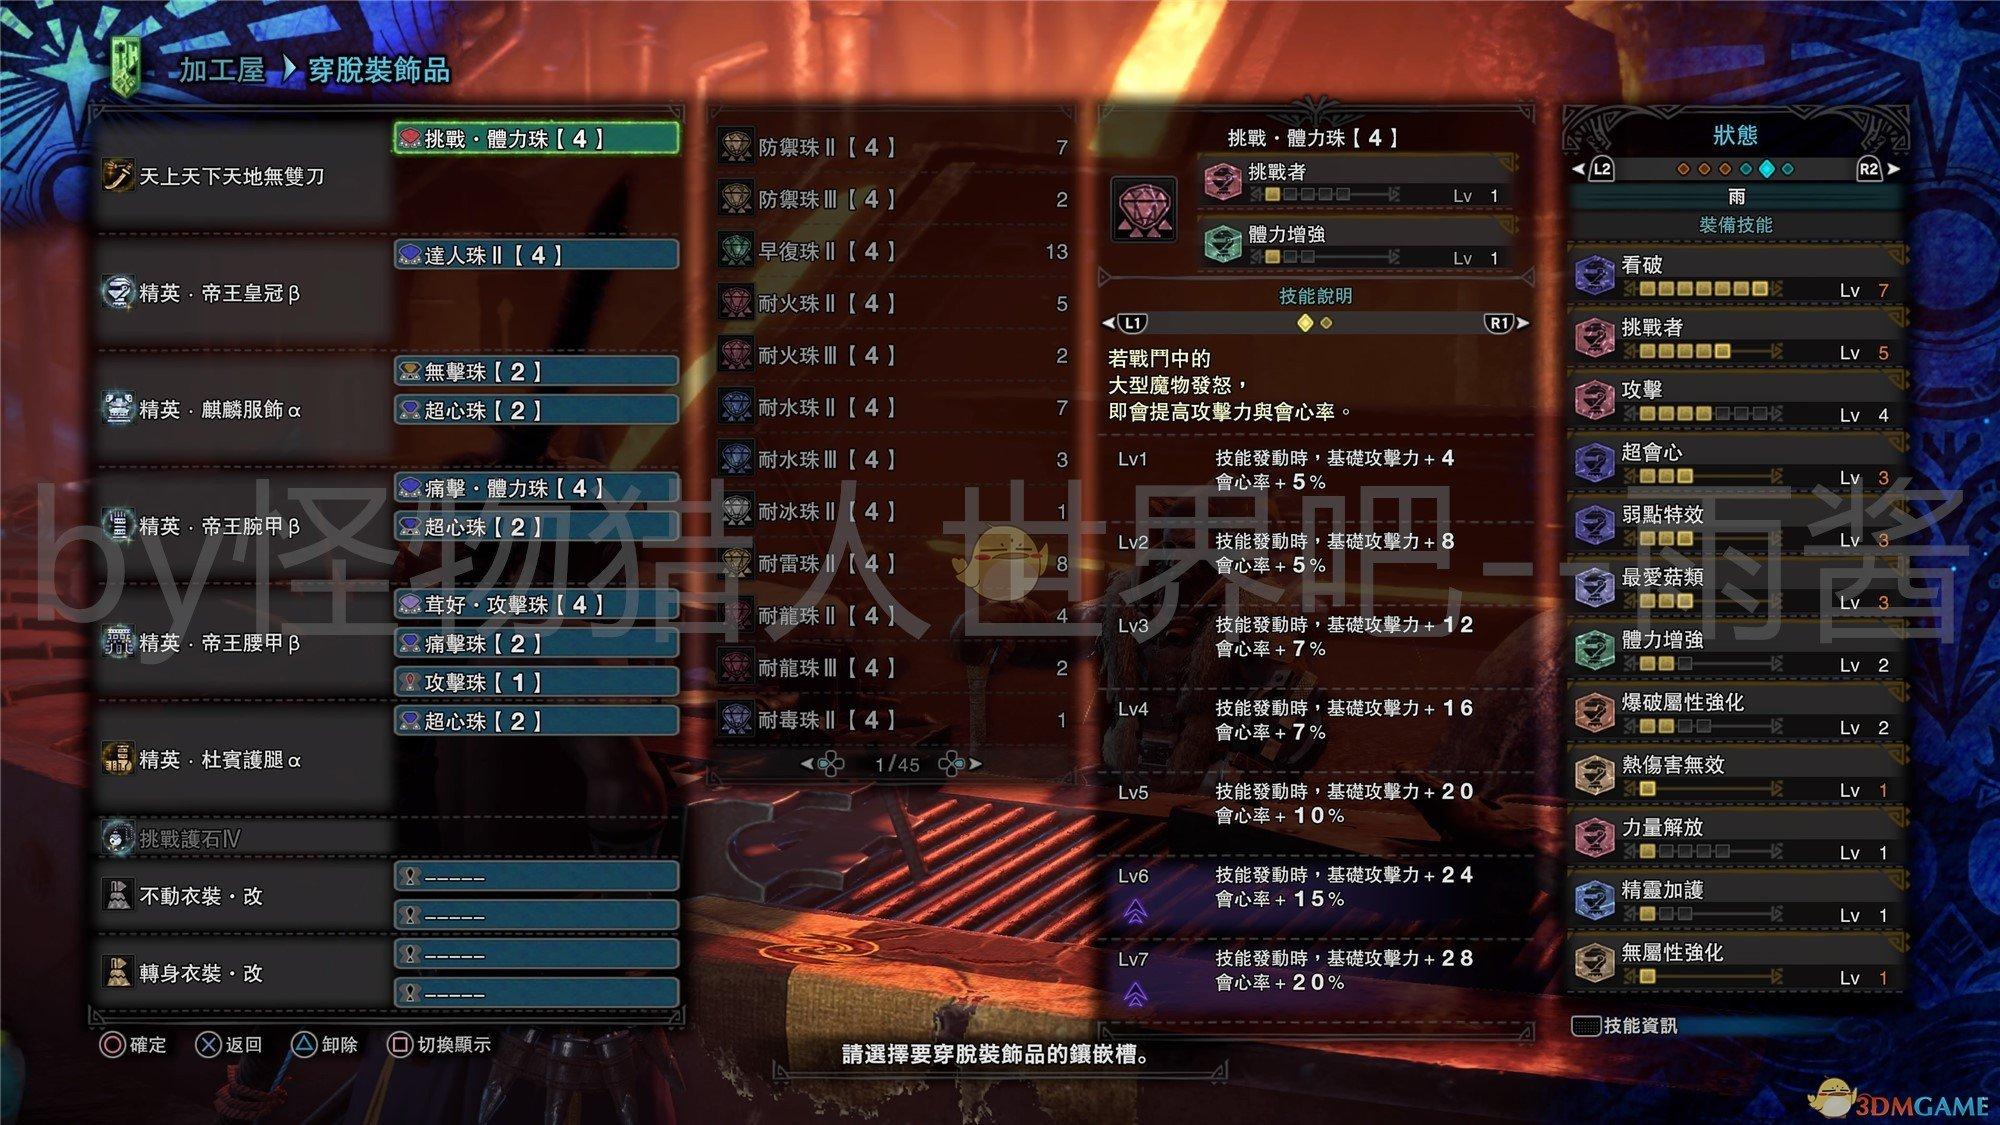 《怪物猎人:世界》冰原DLC太刀后期开荒配装推荐